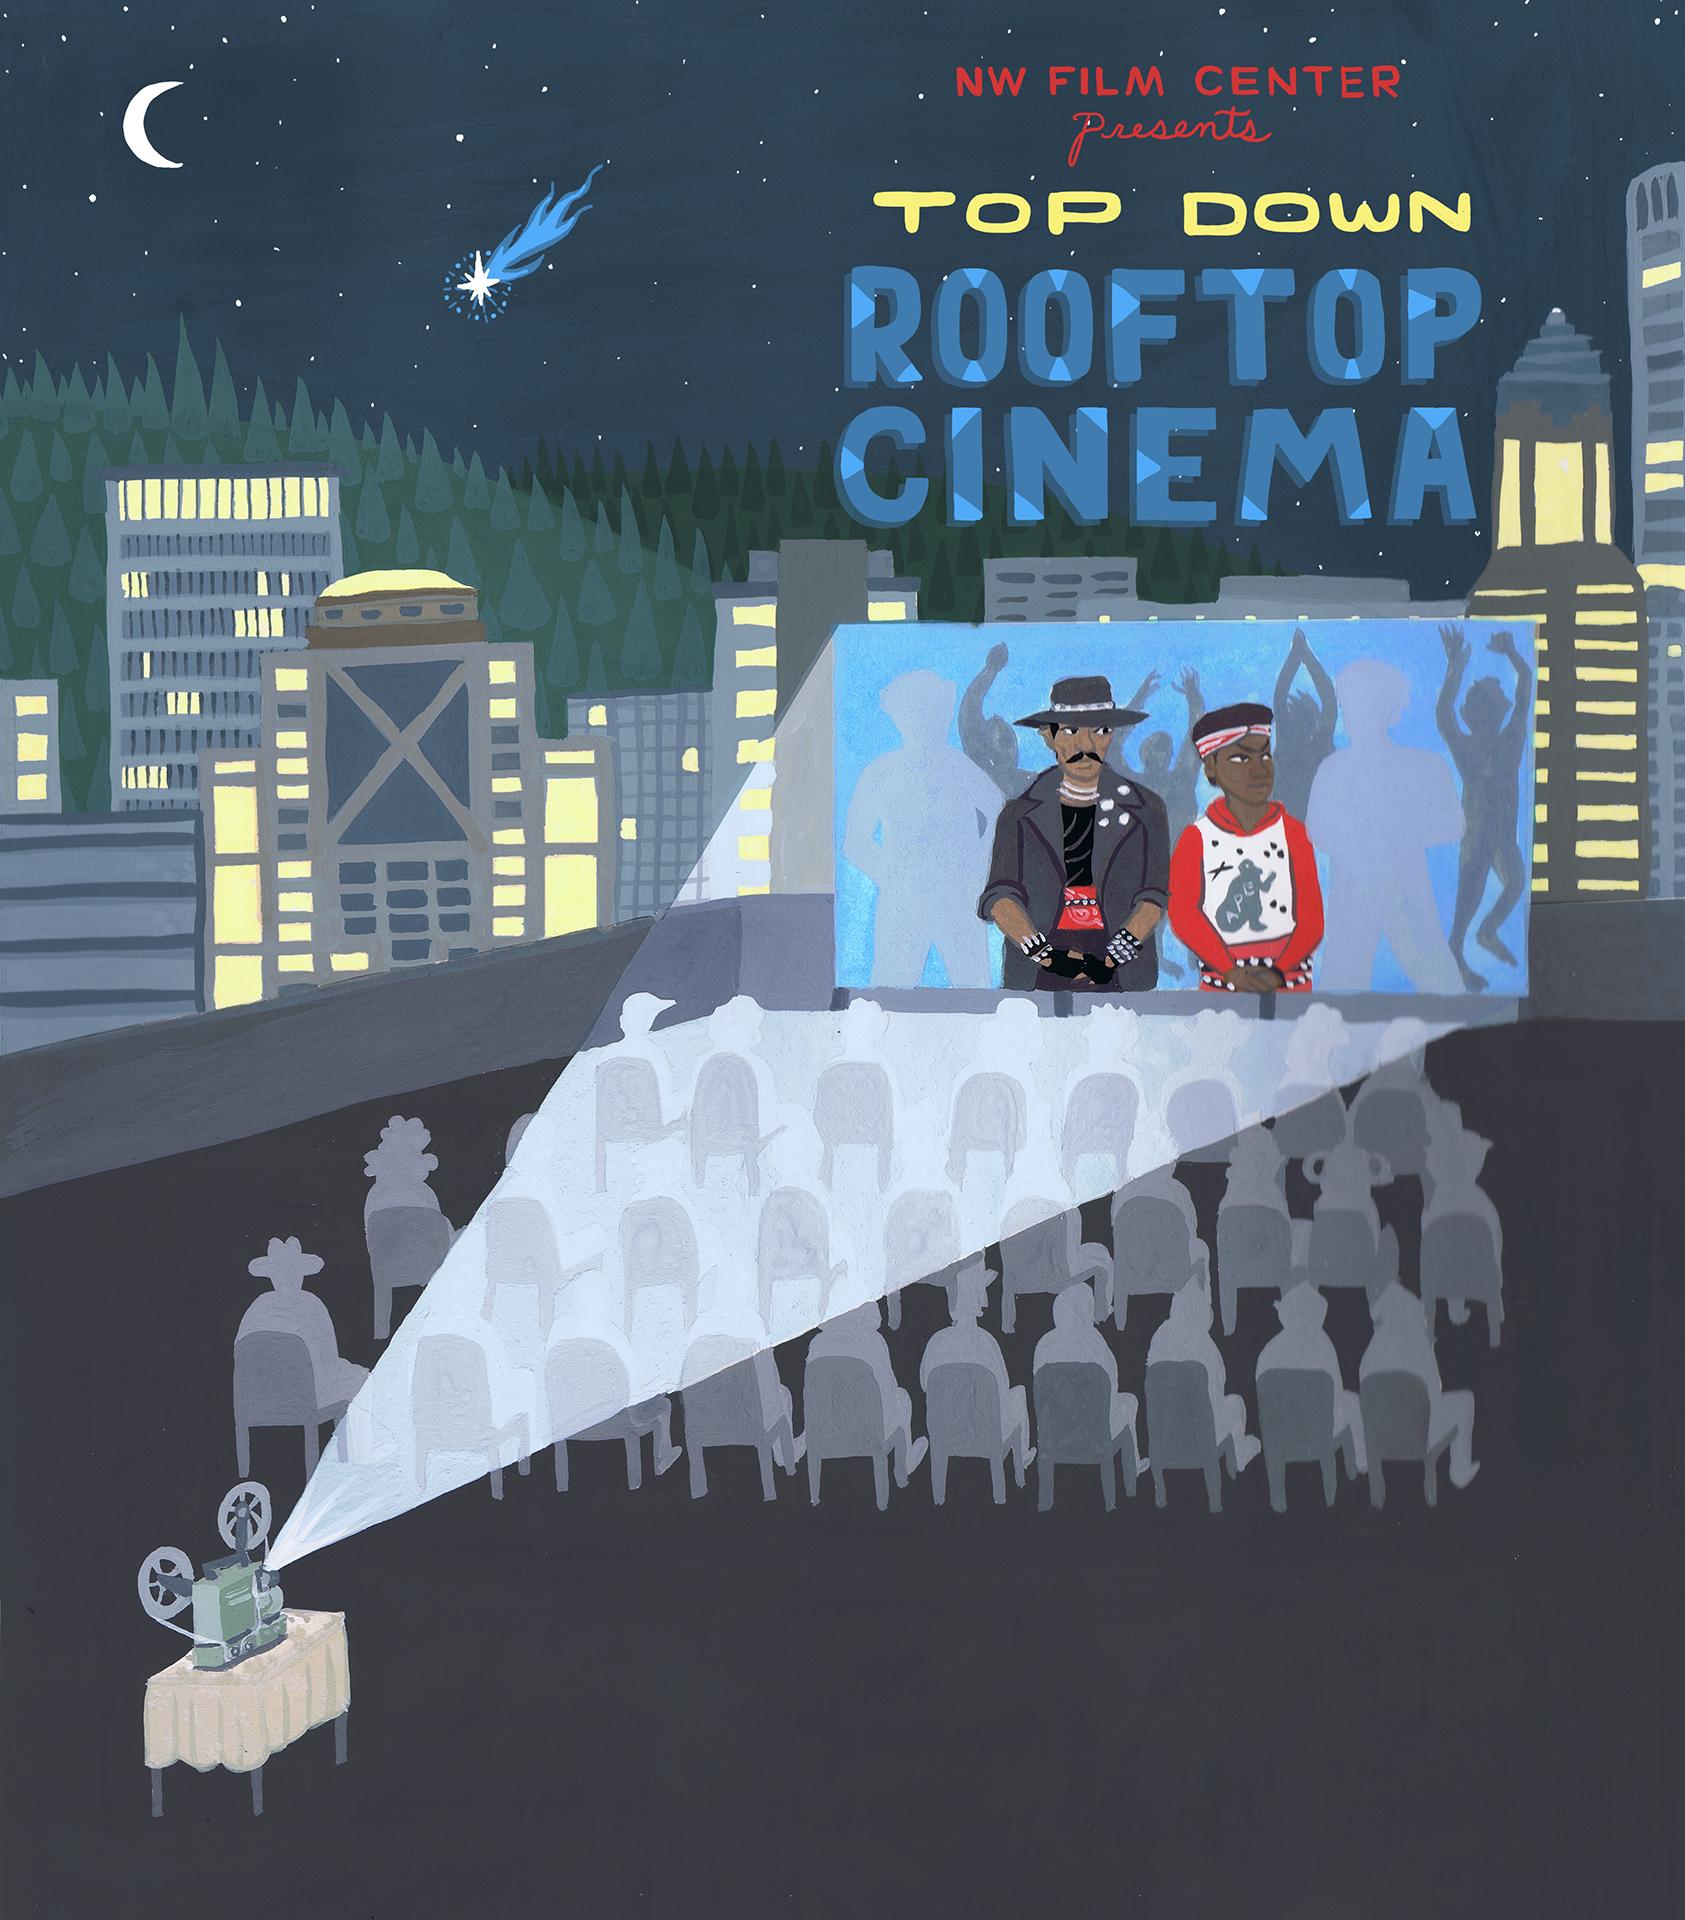 Northwest Film Center Poster